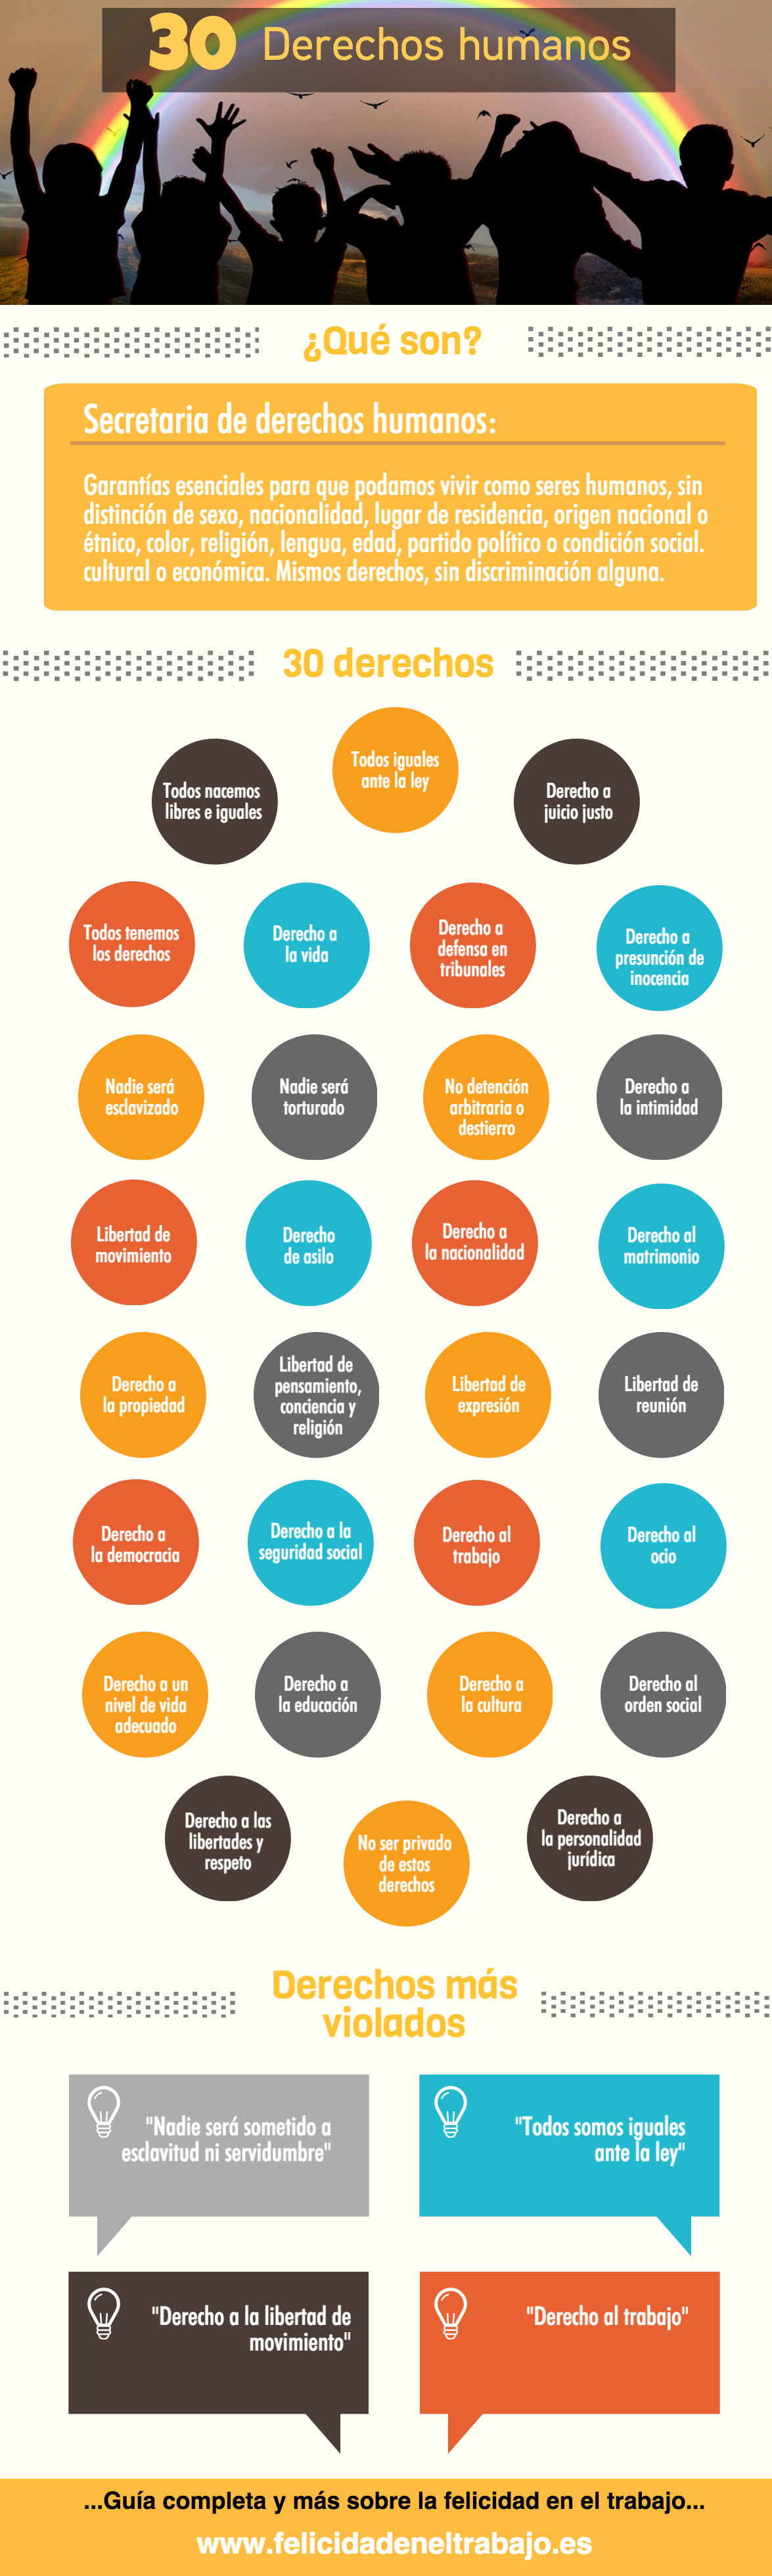 30 Derechos Humanos En Una Infografia Derecho Declaracion De Los Derechos Humanos Derechos Humanos Los 30 Derechos Humanos